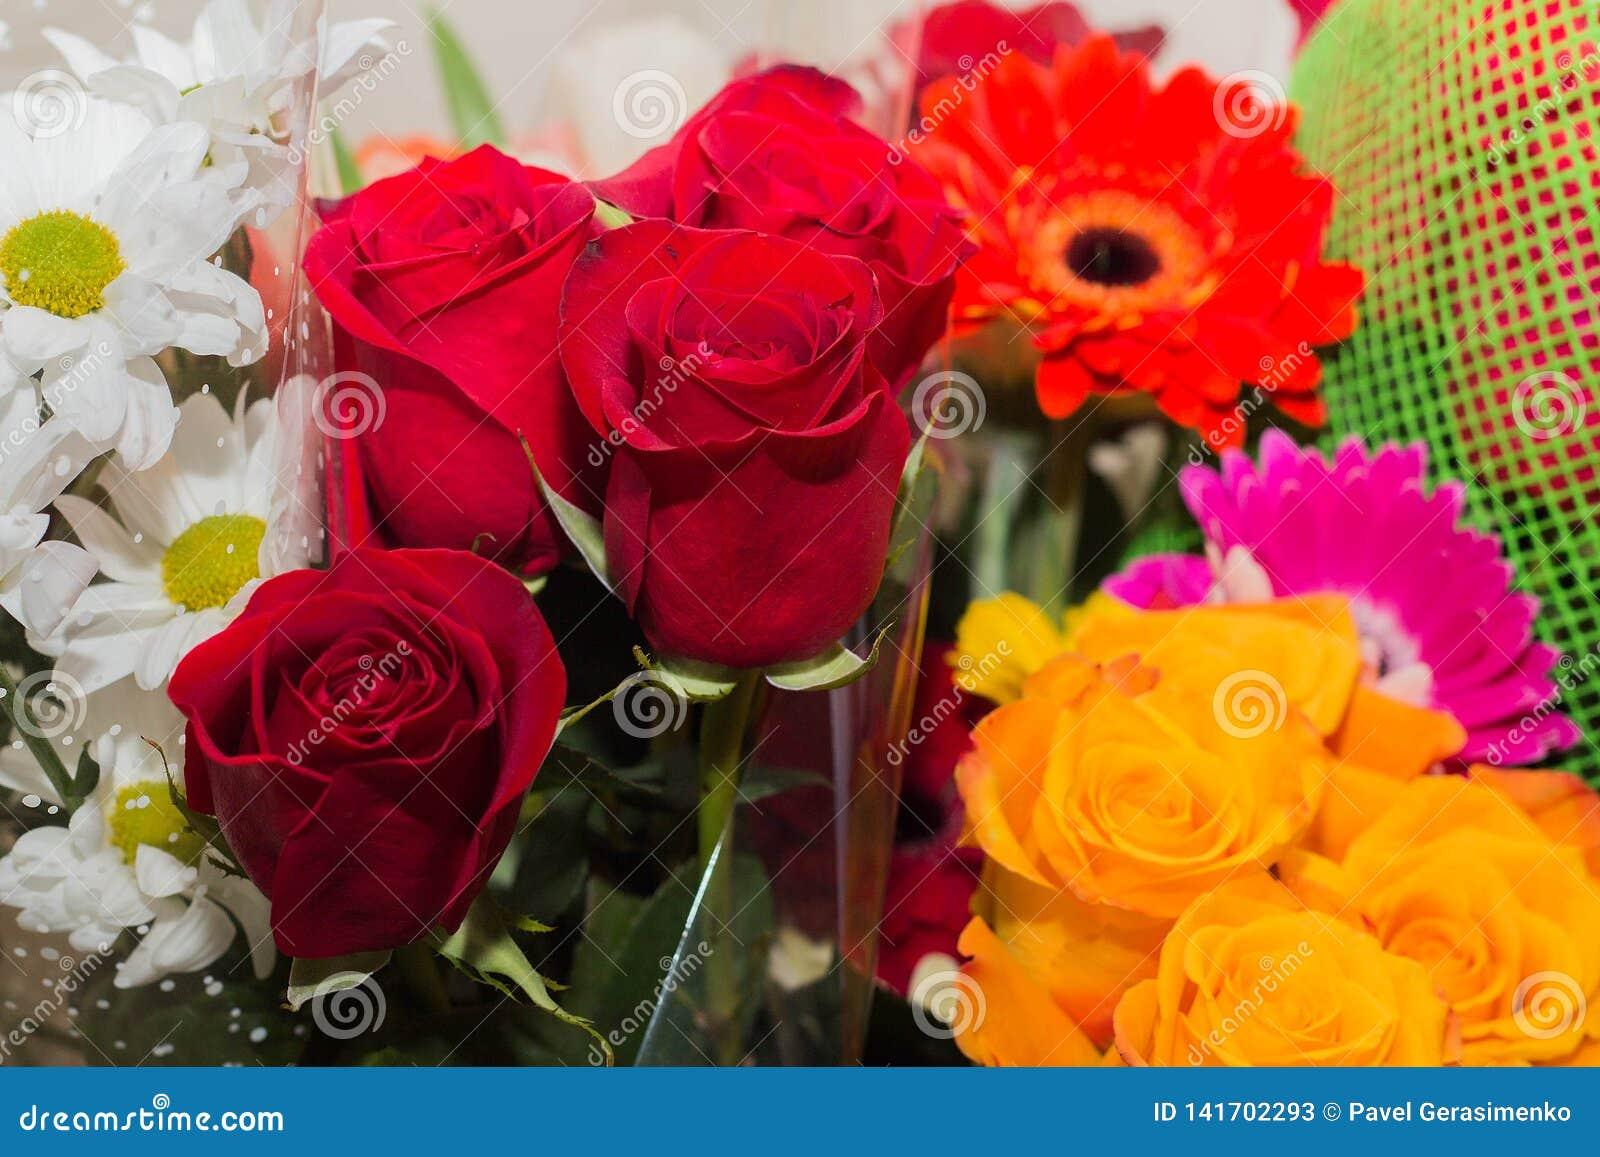 Праздничный букет роз и астр